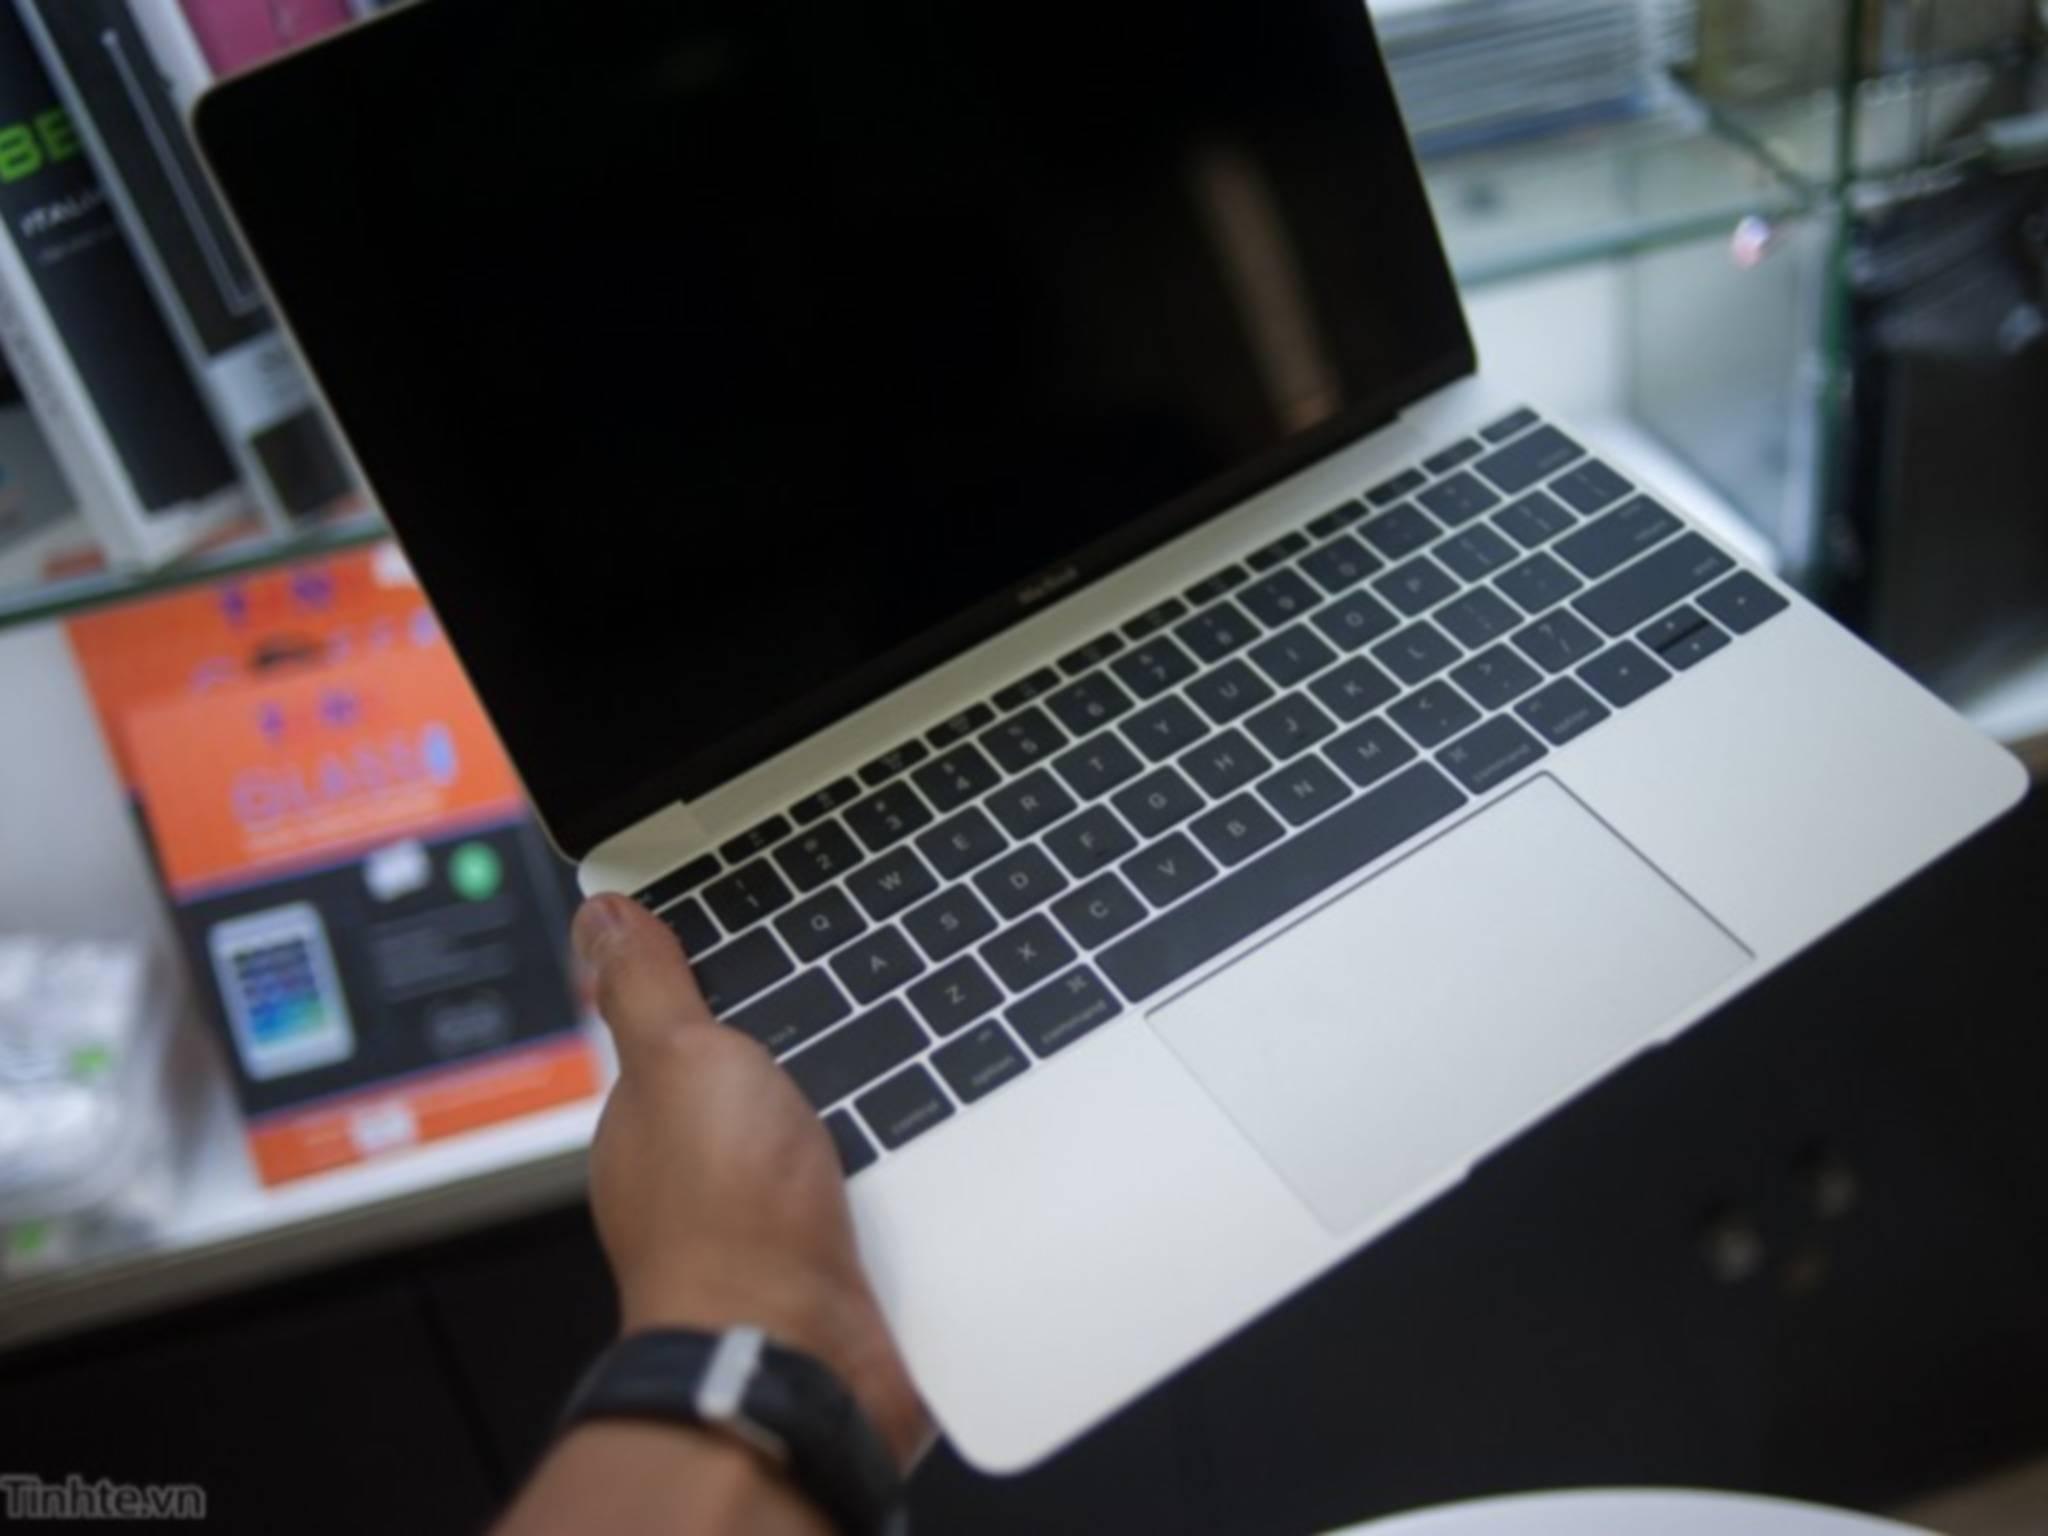 Frisch aus der Verpackung: Das neue MacBook Retina.